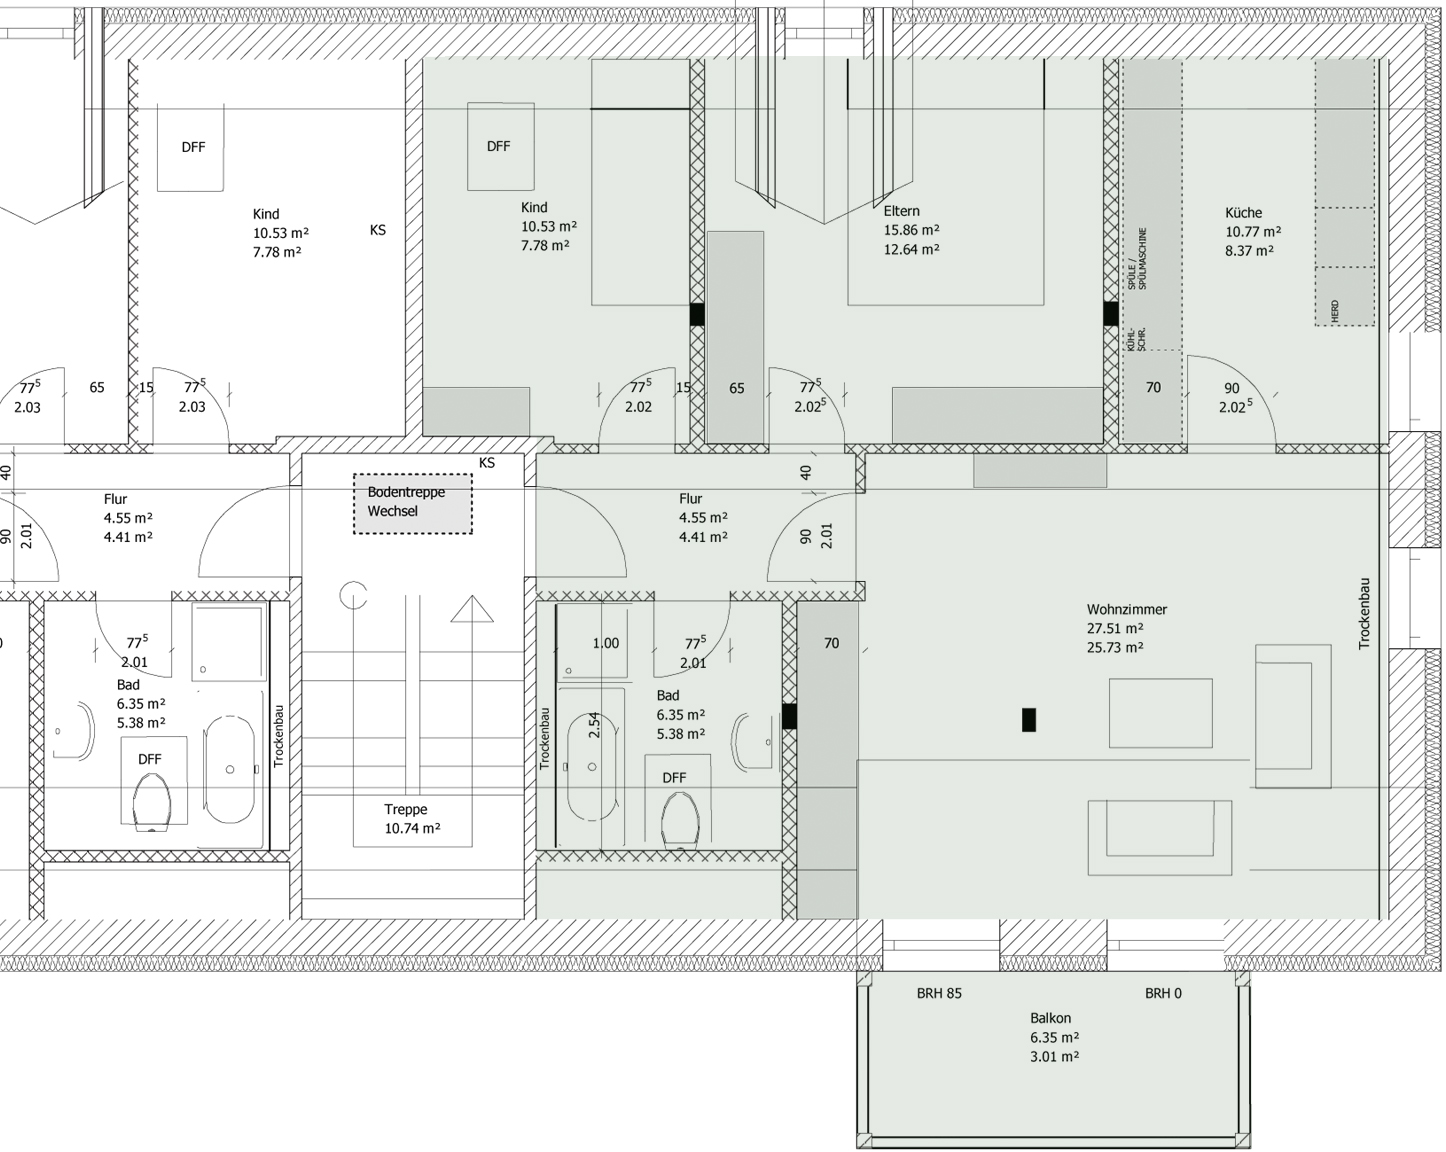 Sanierung MFH Schubertstrasse - Dachgeschoss